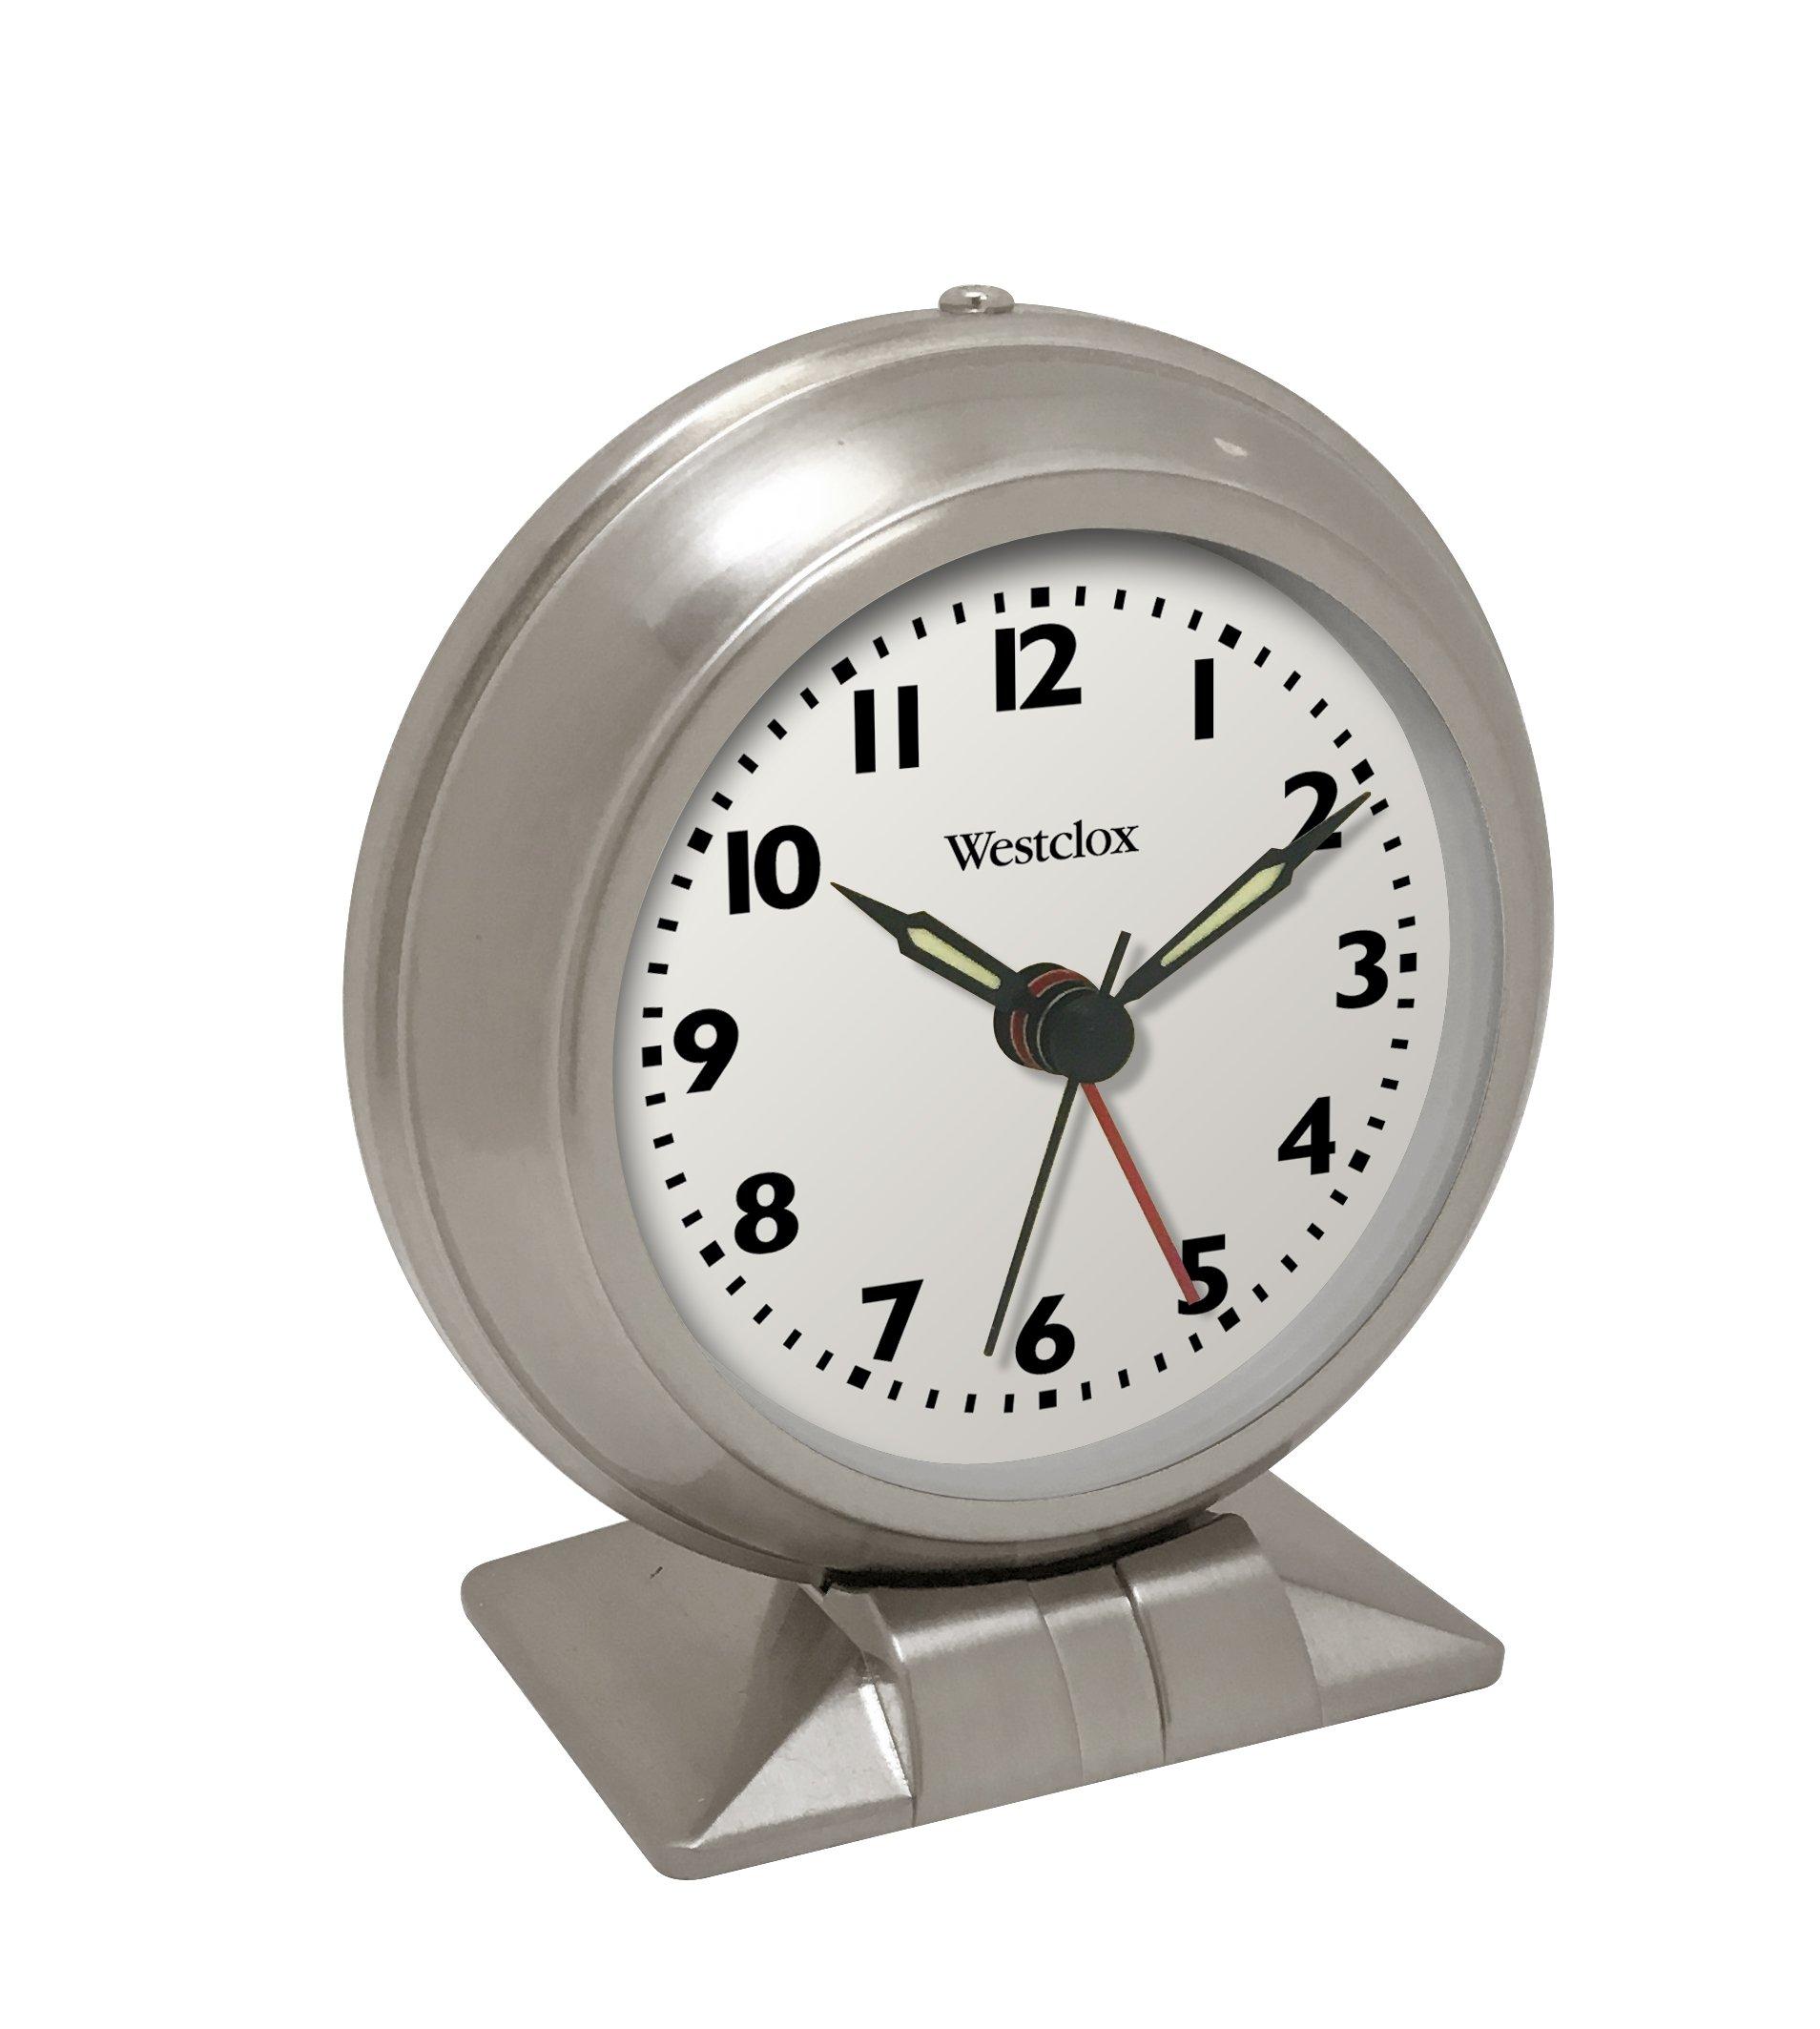 Westclox Big Ben Classic Alarm Clock Quartz Movement Metal Bezel